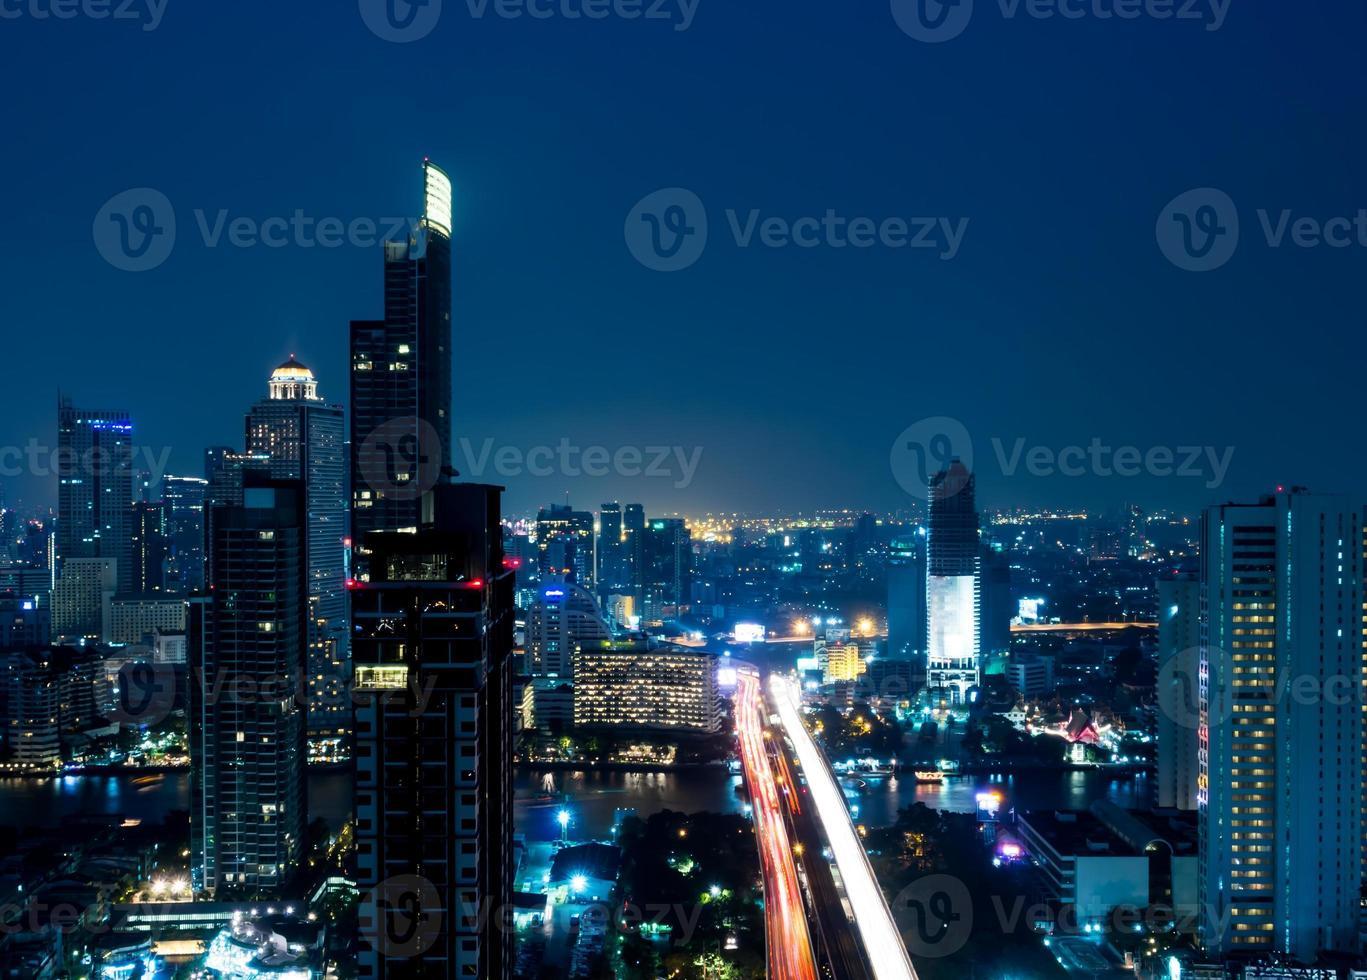 stadsbild av bangkok nattutsikt i affärsdistriktet foto